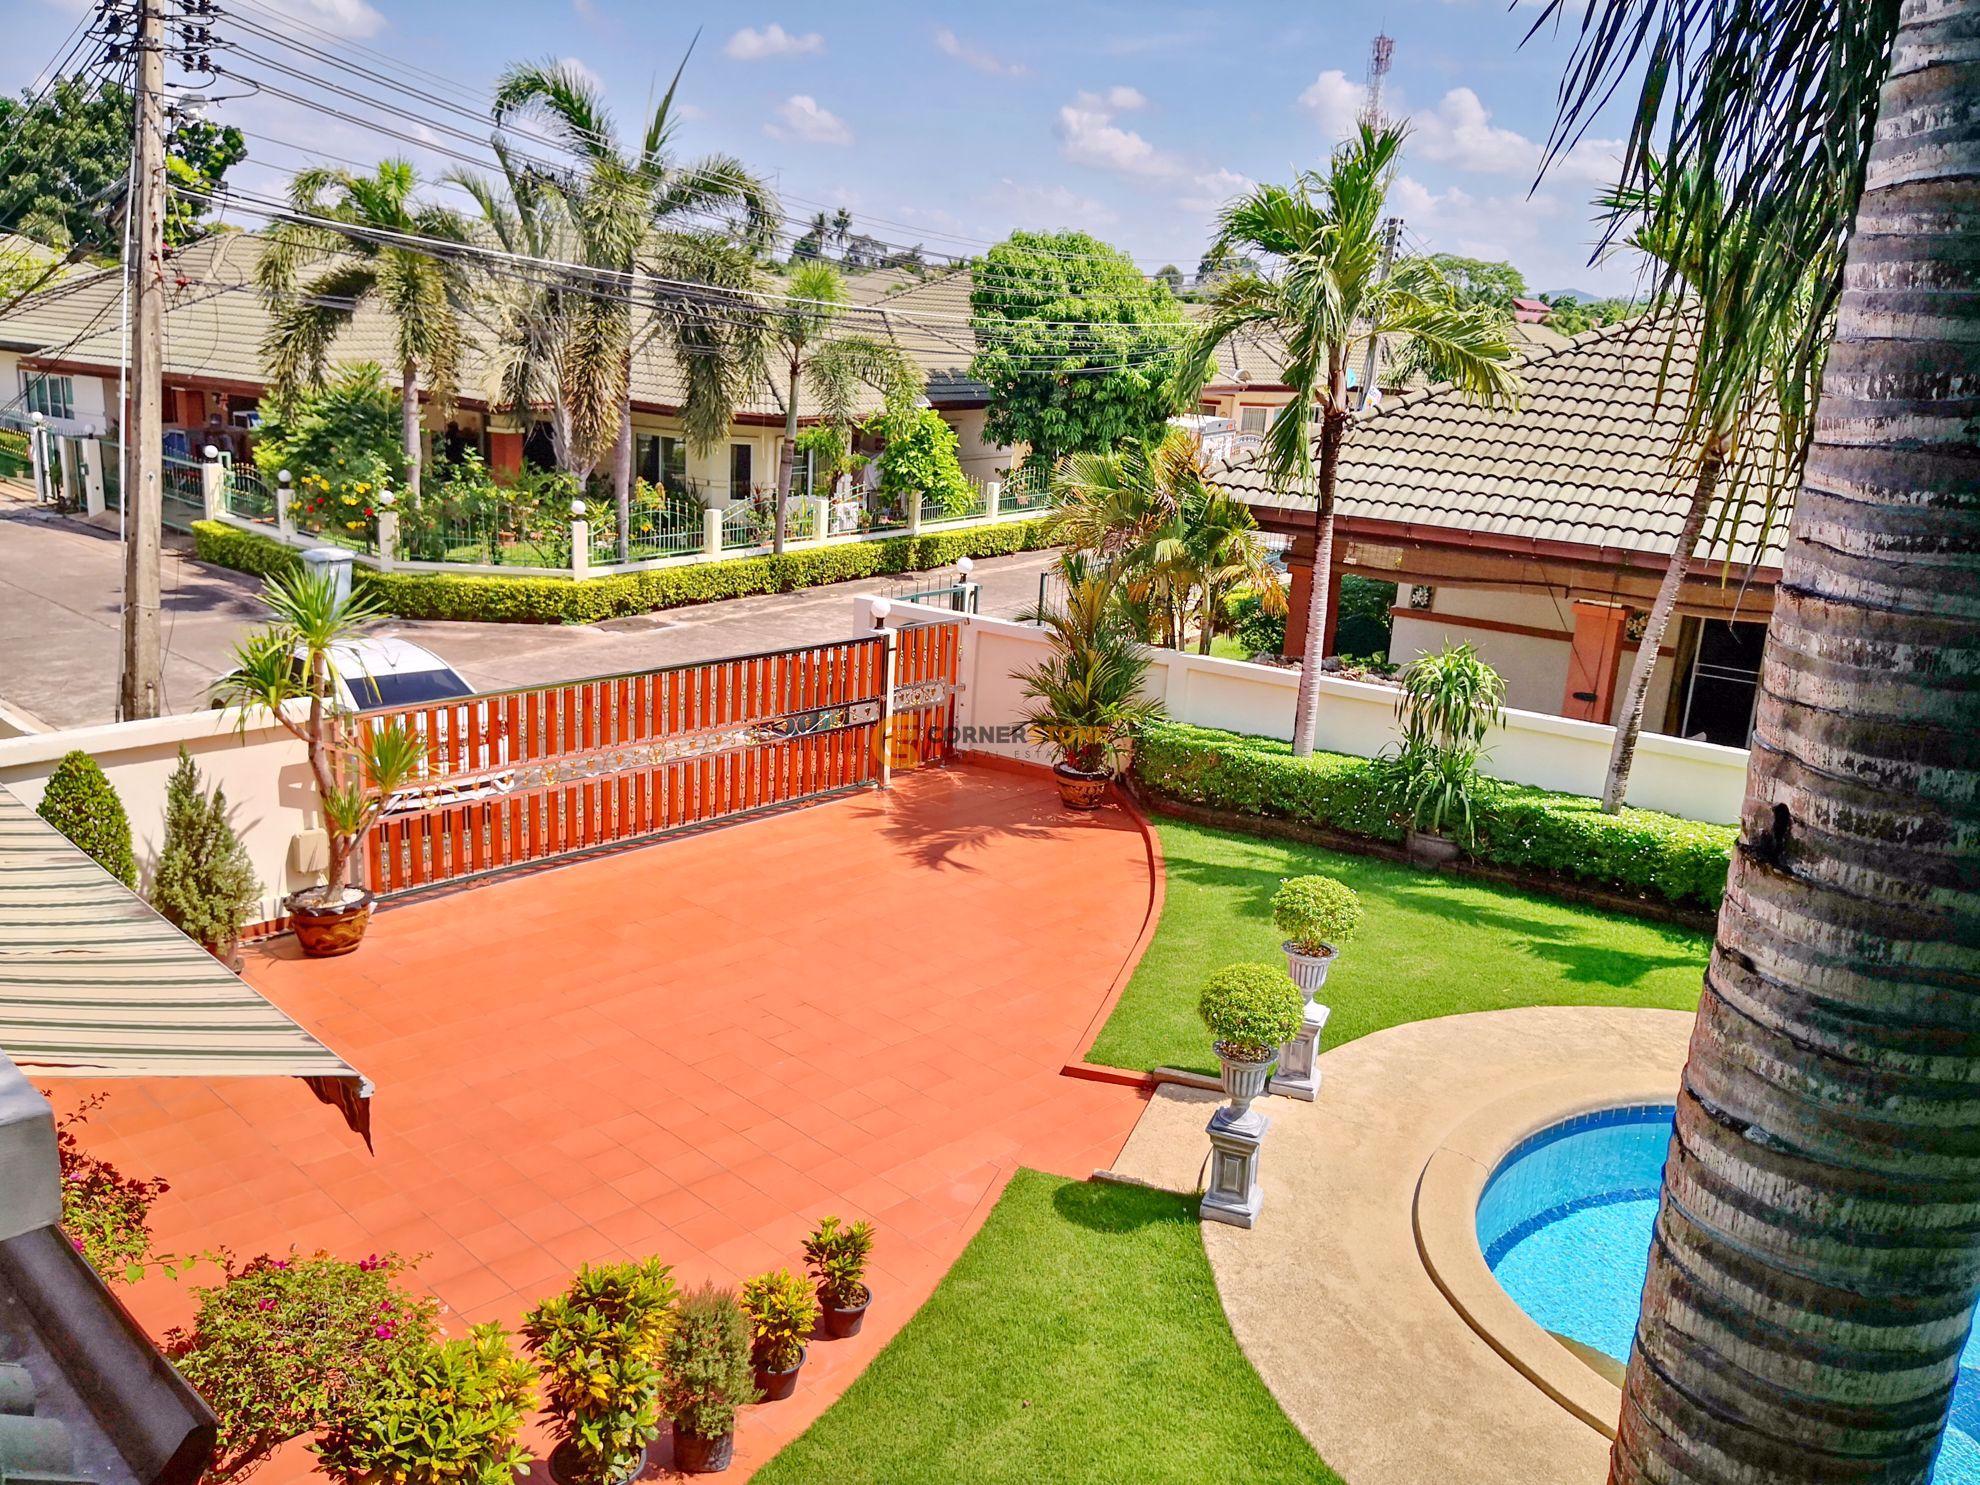 3 bed House in Green Field Villas 1 in East Pattaya H002225